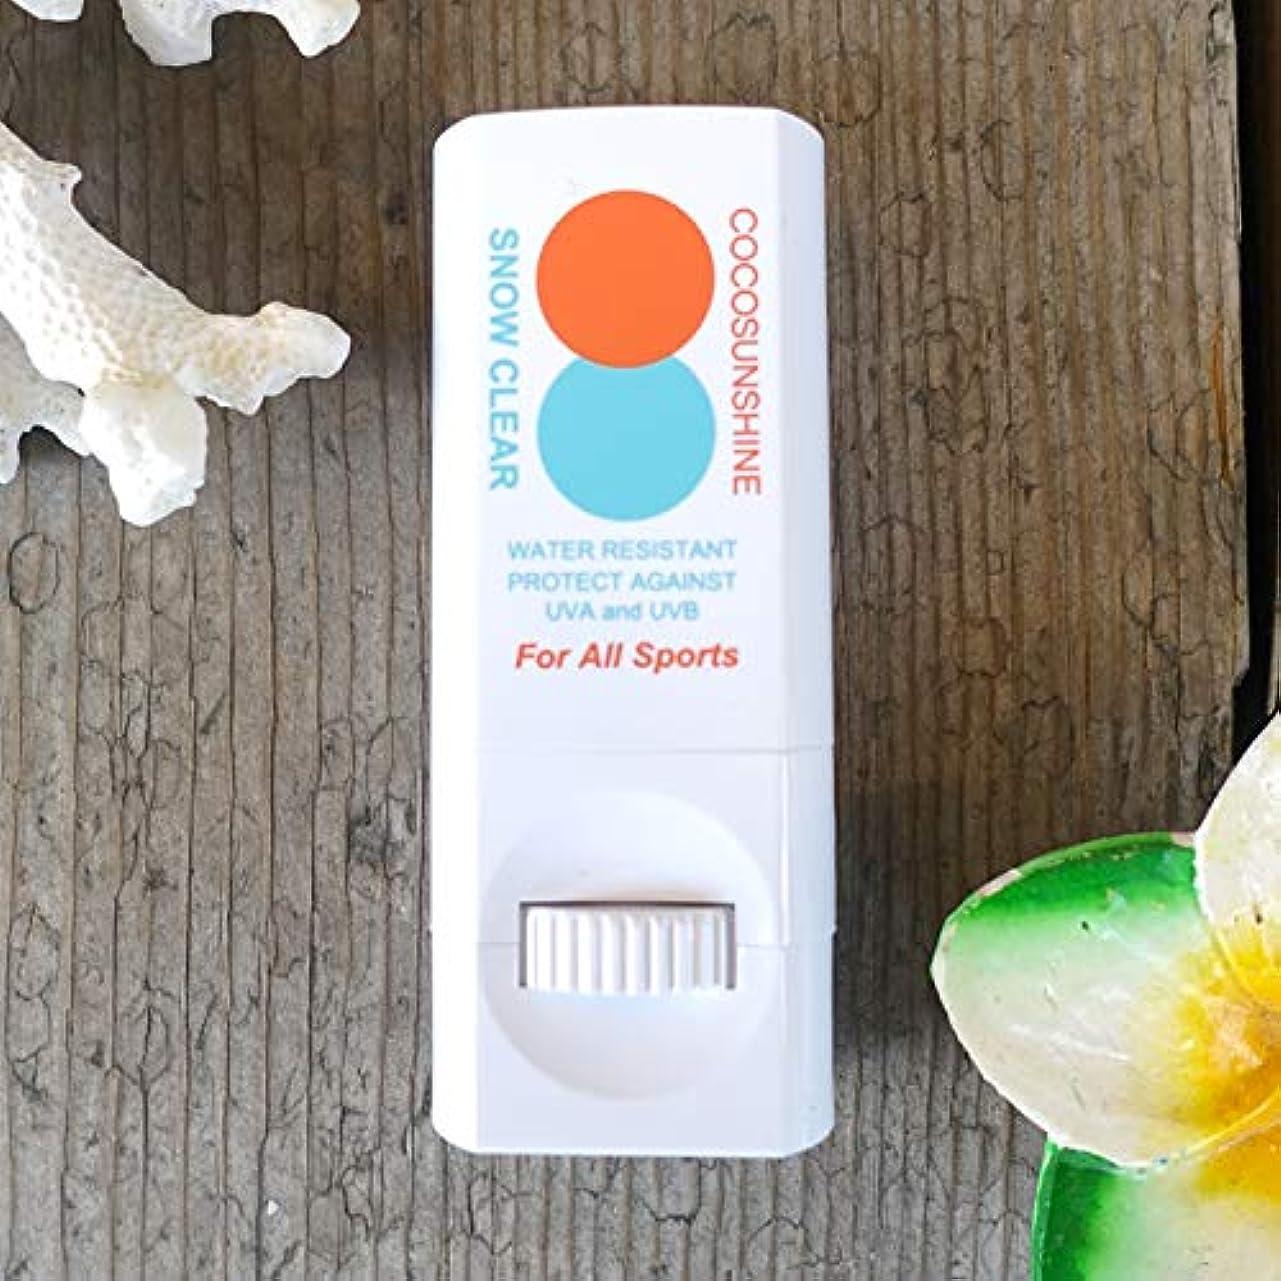 達成ブリークカフェSnipe Sports Cosmetic(スナイプ スポーツ コスメティック) COCO SUNSHINE ココサンシャイン 固形 日焼け止め スティック 練り出しタイプ UVプロテクト SPF30 PA++ スノークリア